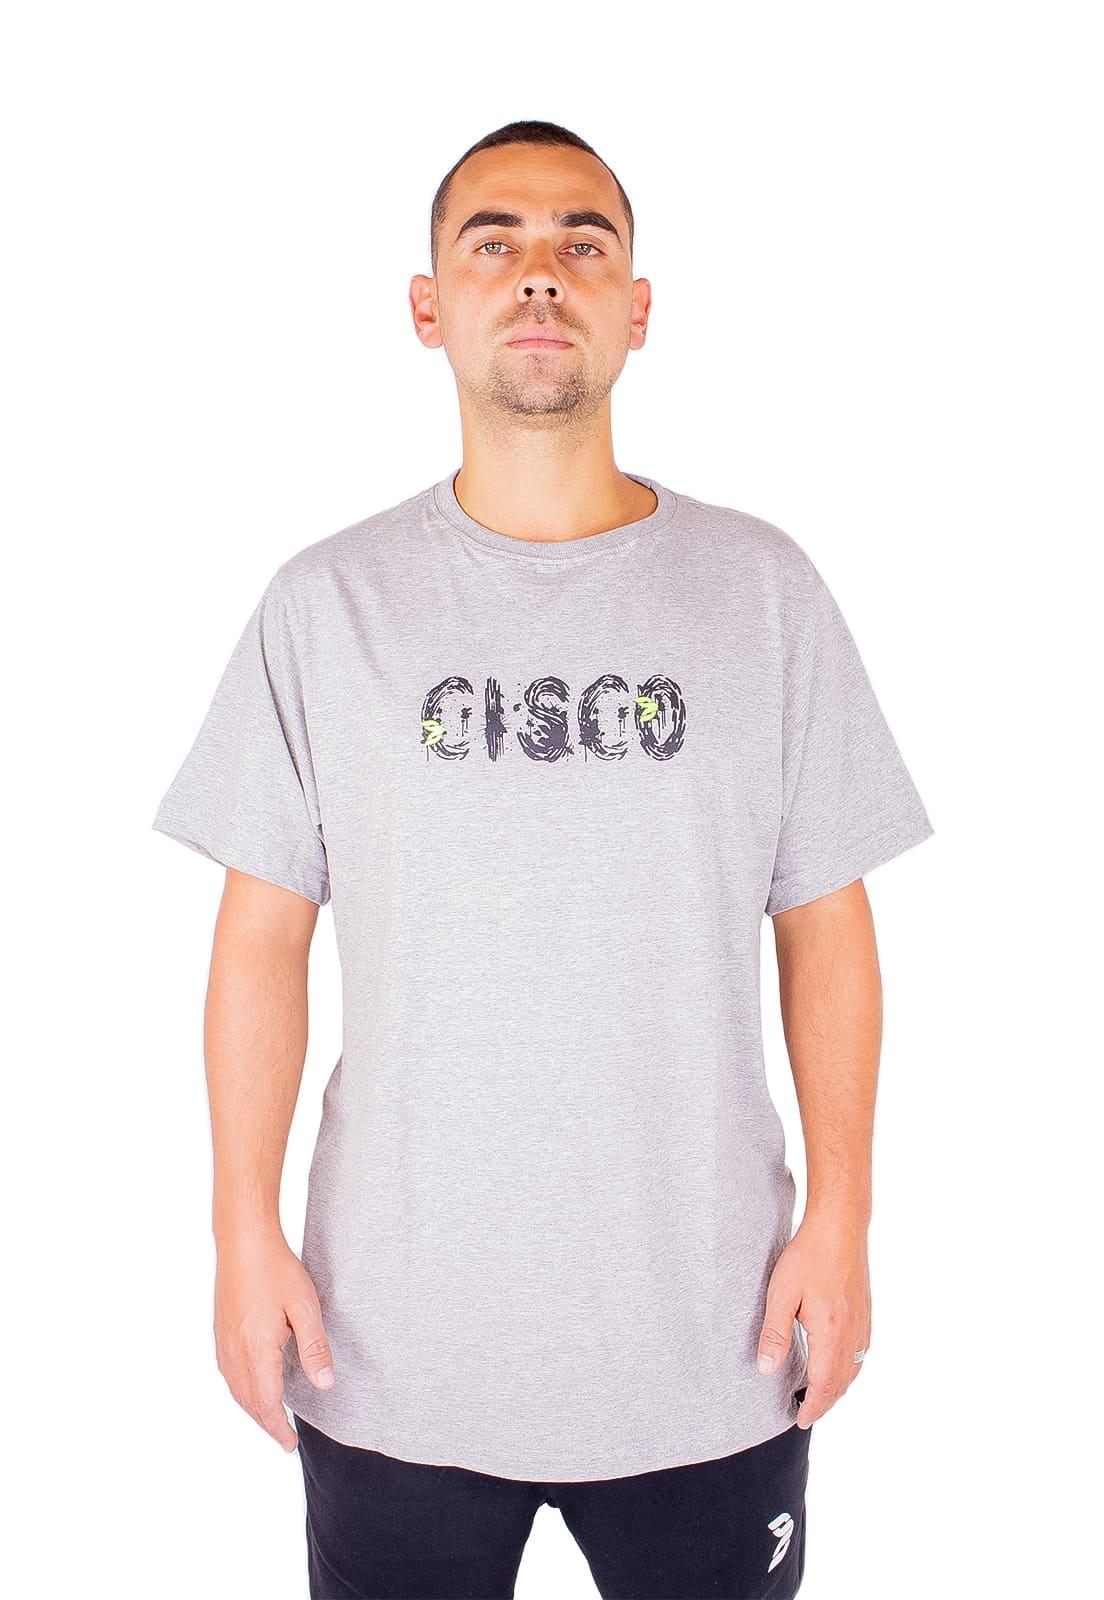 Camiseta Cisco Skate Clothing Flour